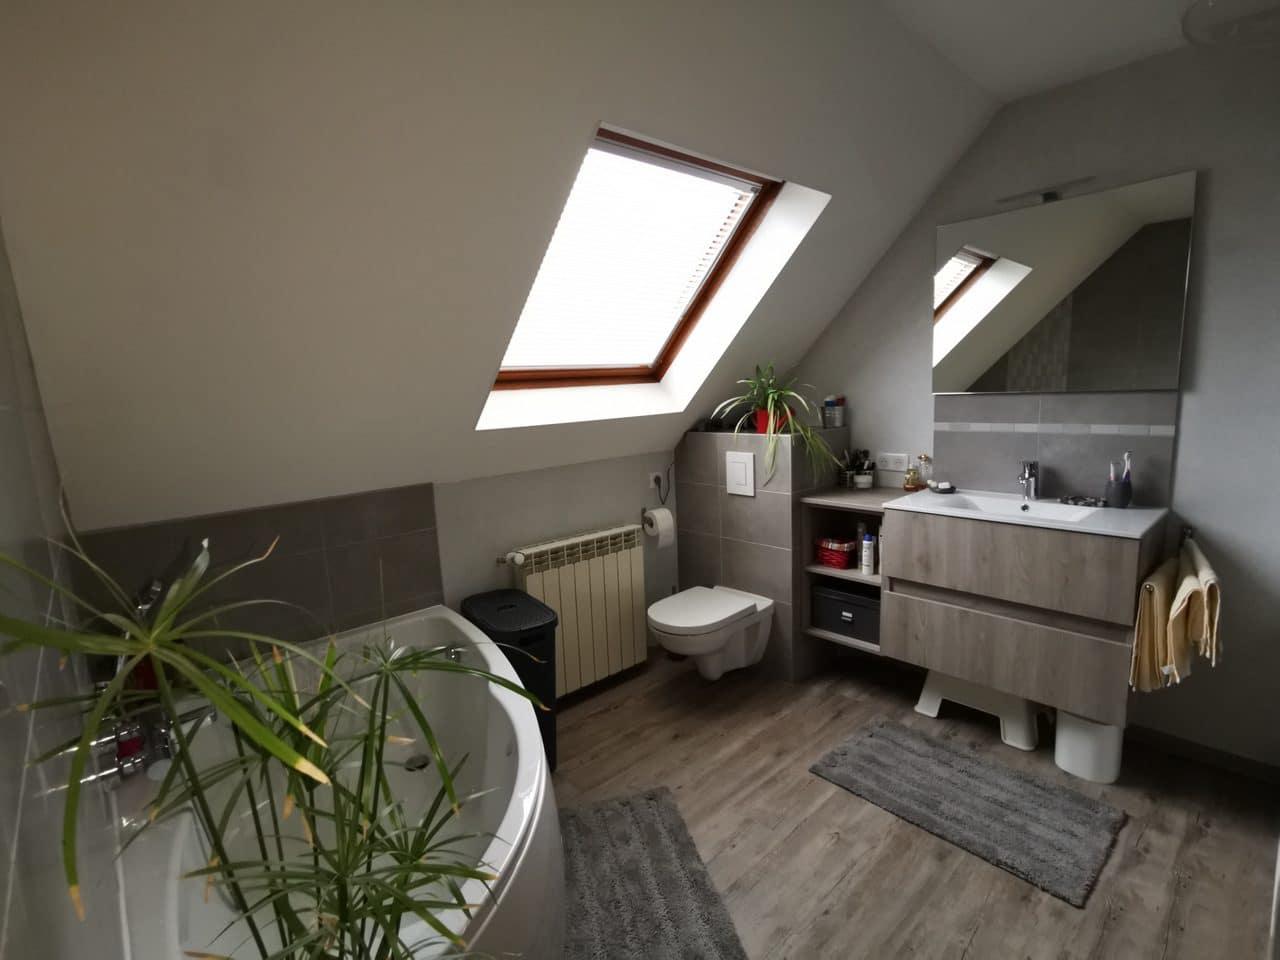 Rénovation de salle de bain à Eckbolsheim près de Strasbourg